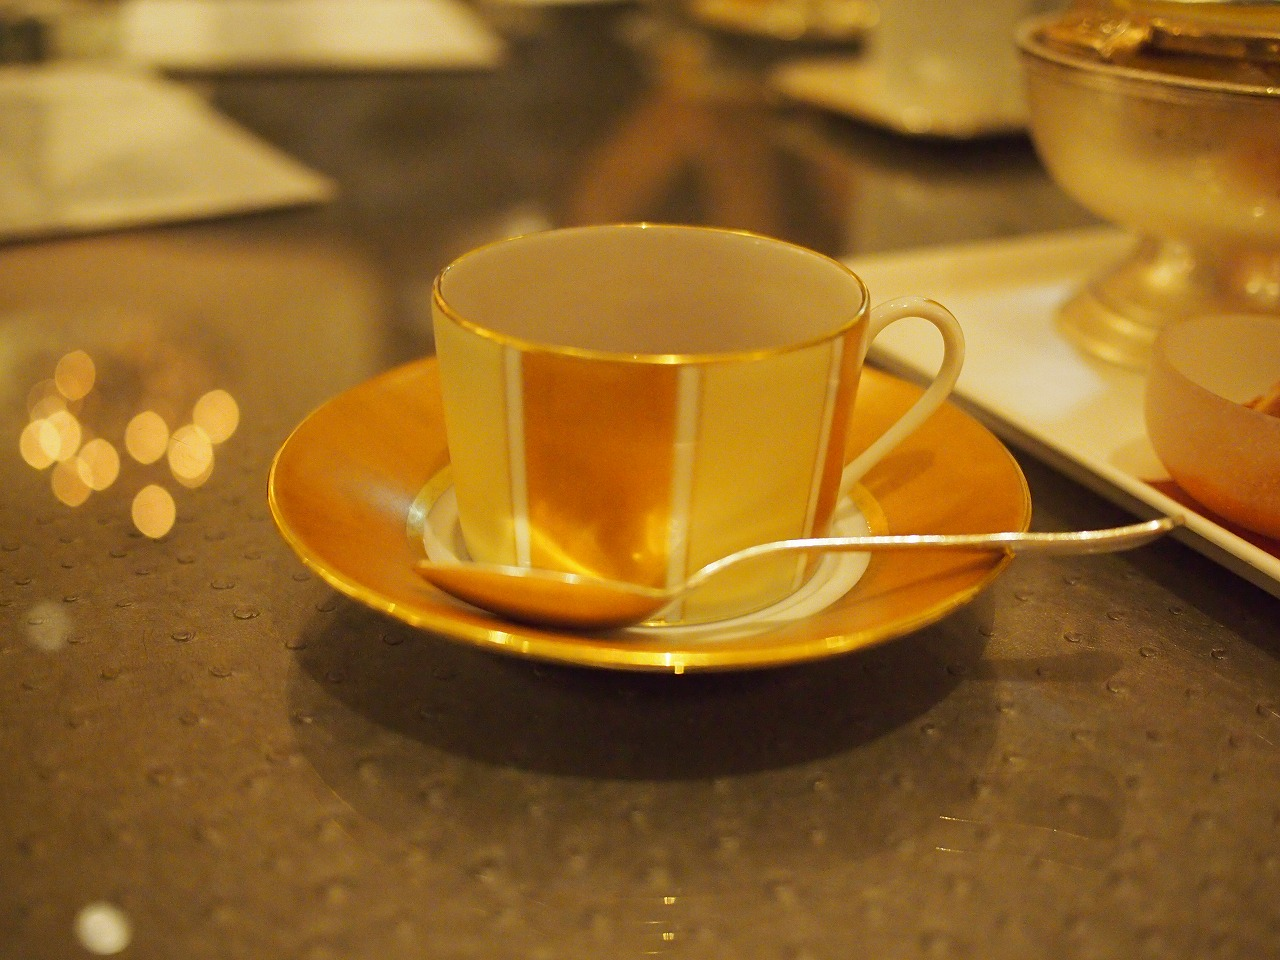 こちらは以前アフタヌーンティーでも使われていたアビランドのティーカップ